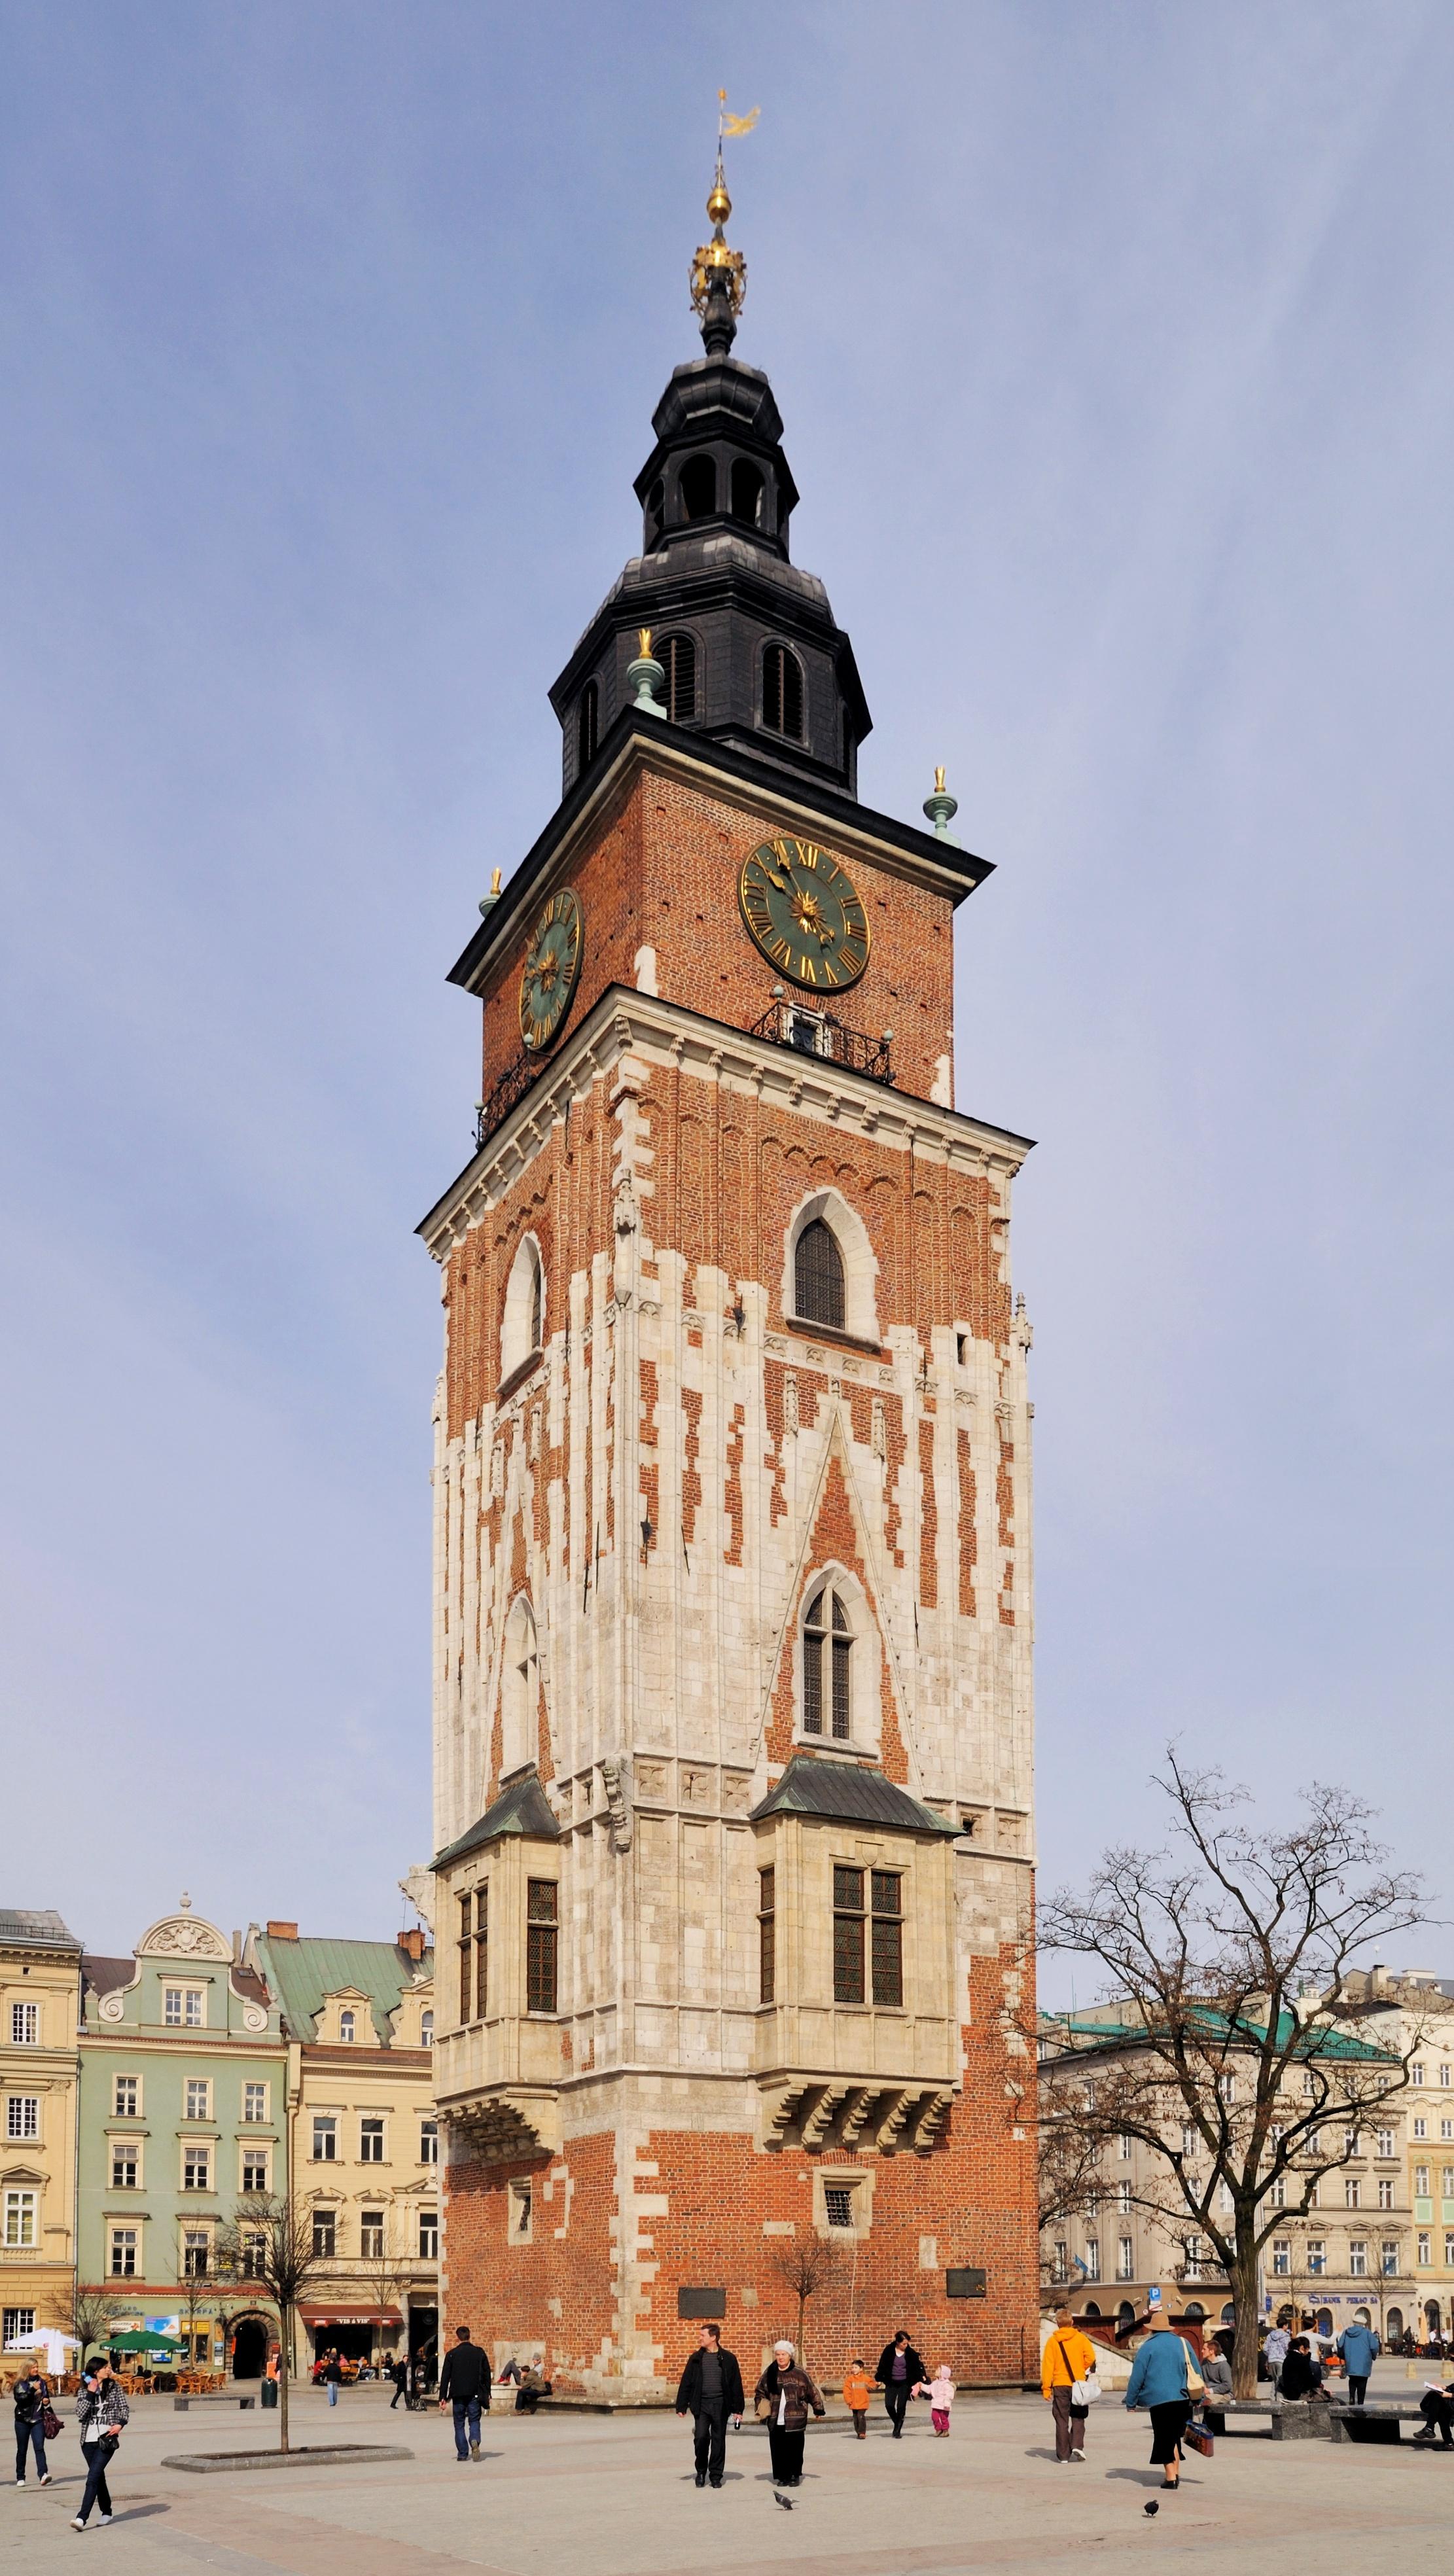 Afbeeldingsresultaat voor krakau raadhuistoren